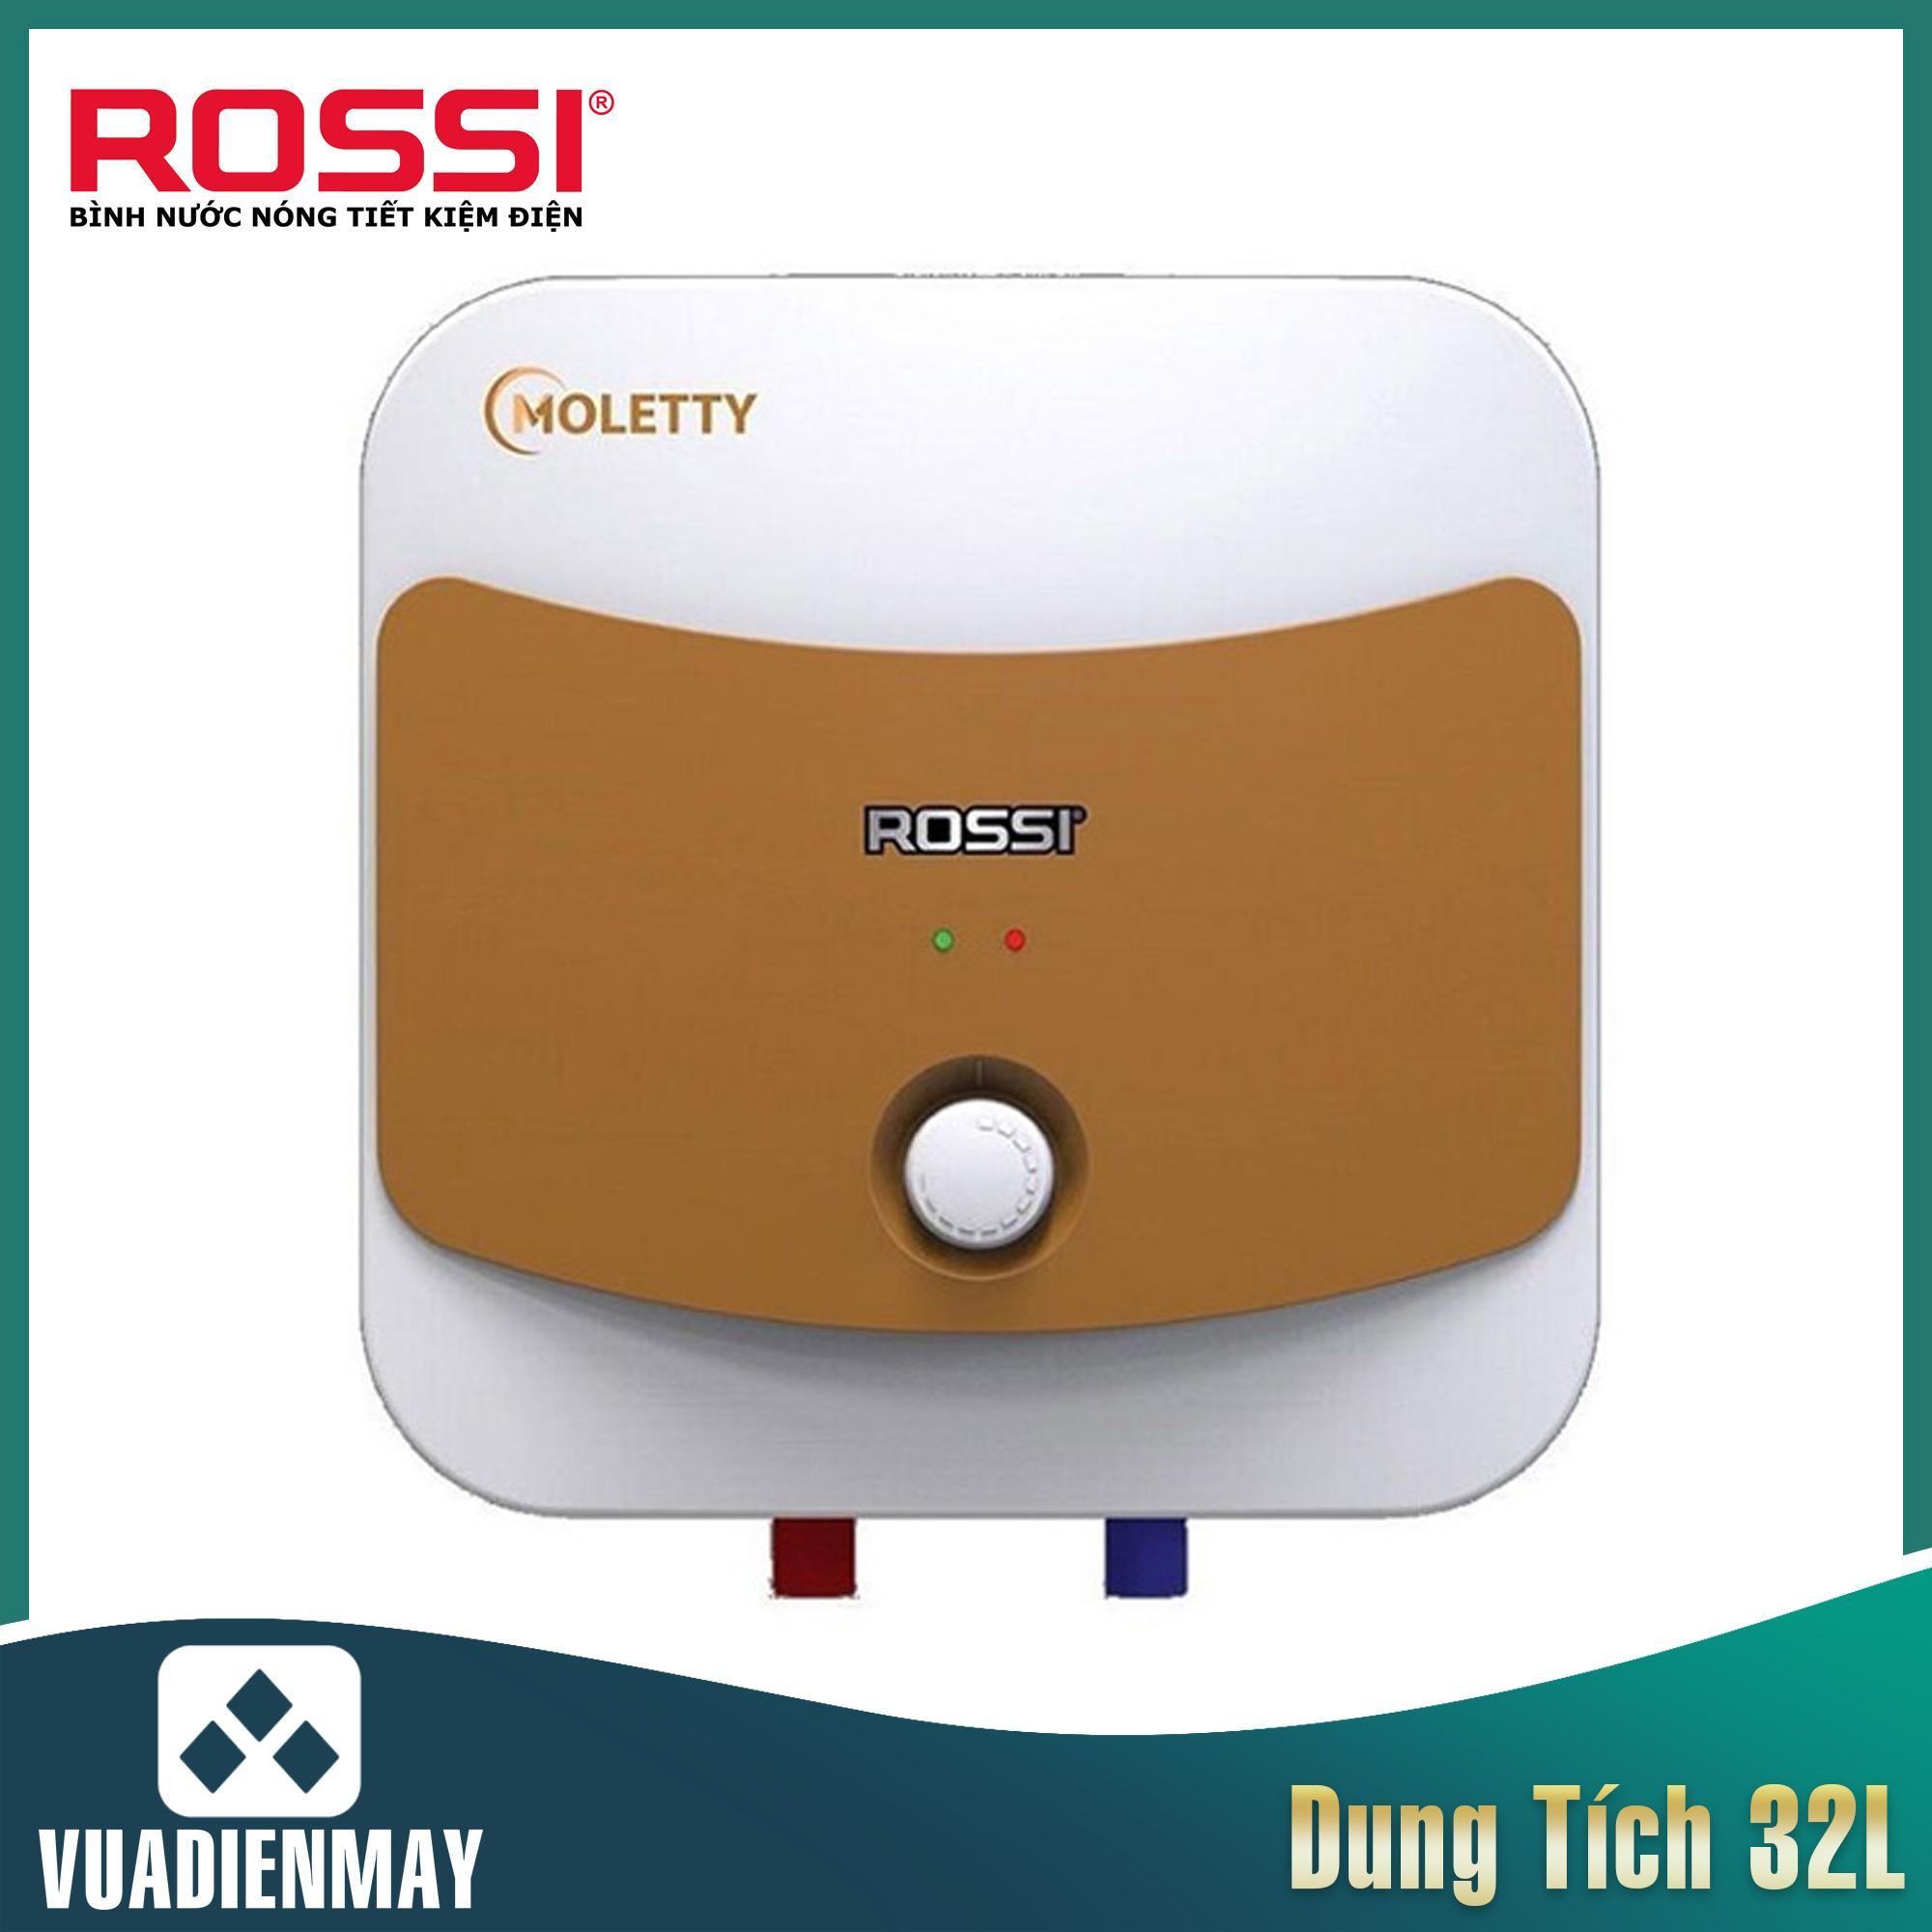 Bình nóng lạnh Rossi 32L Saphir Moletty